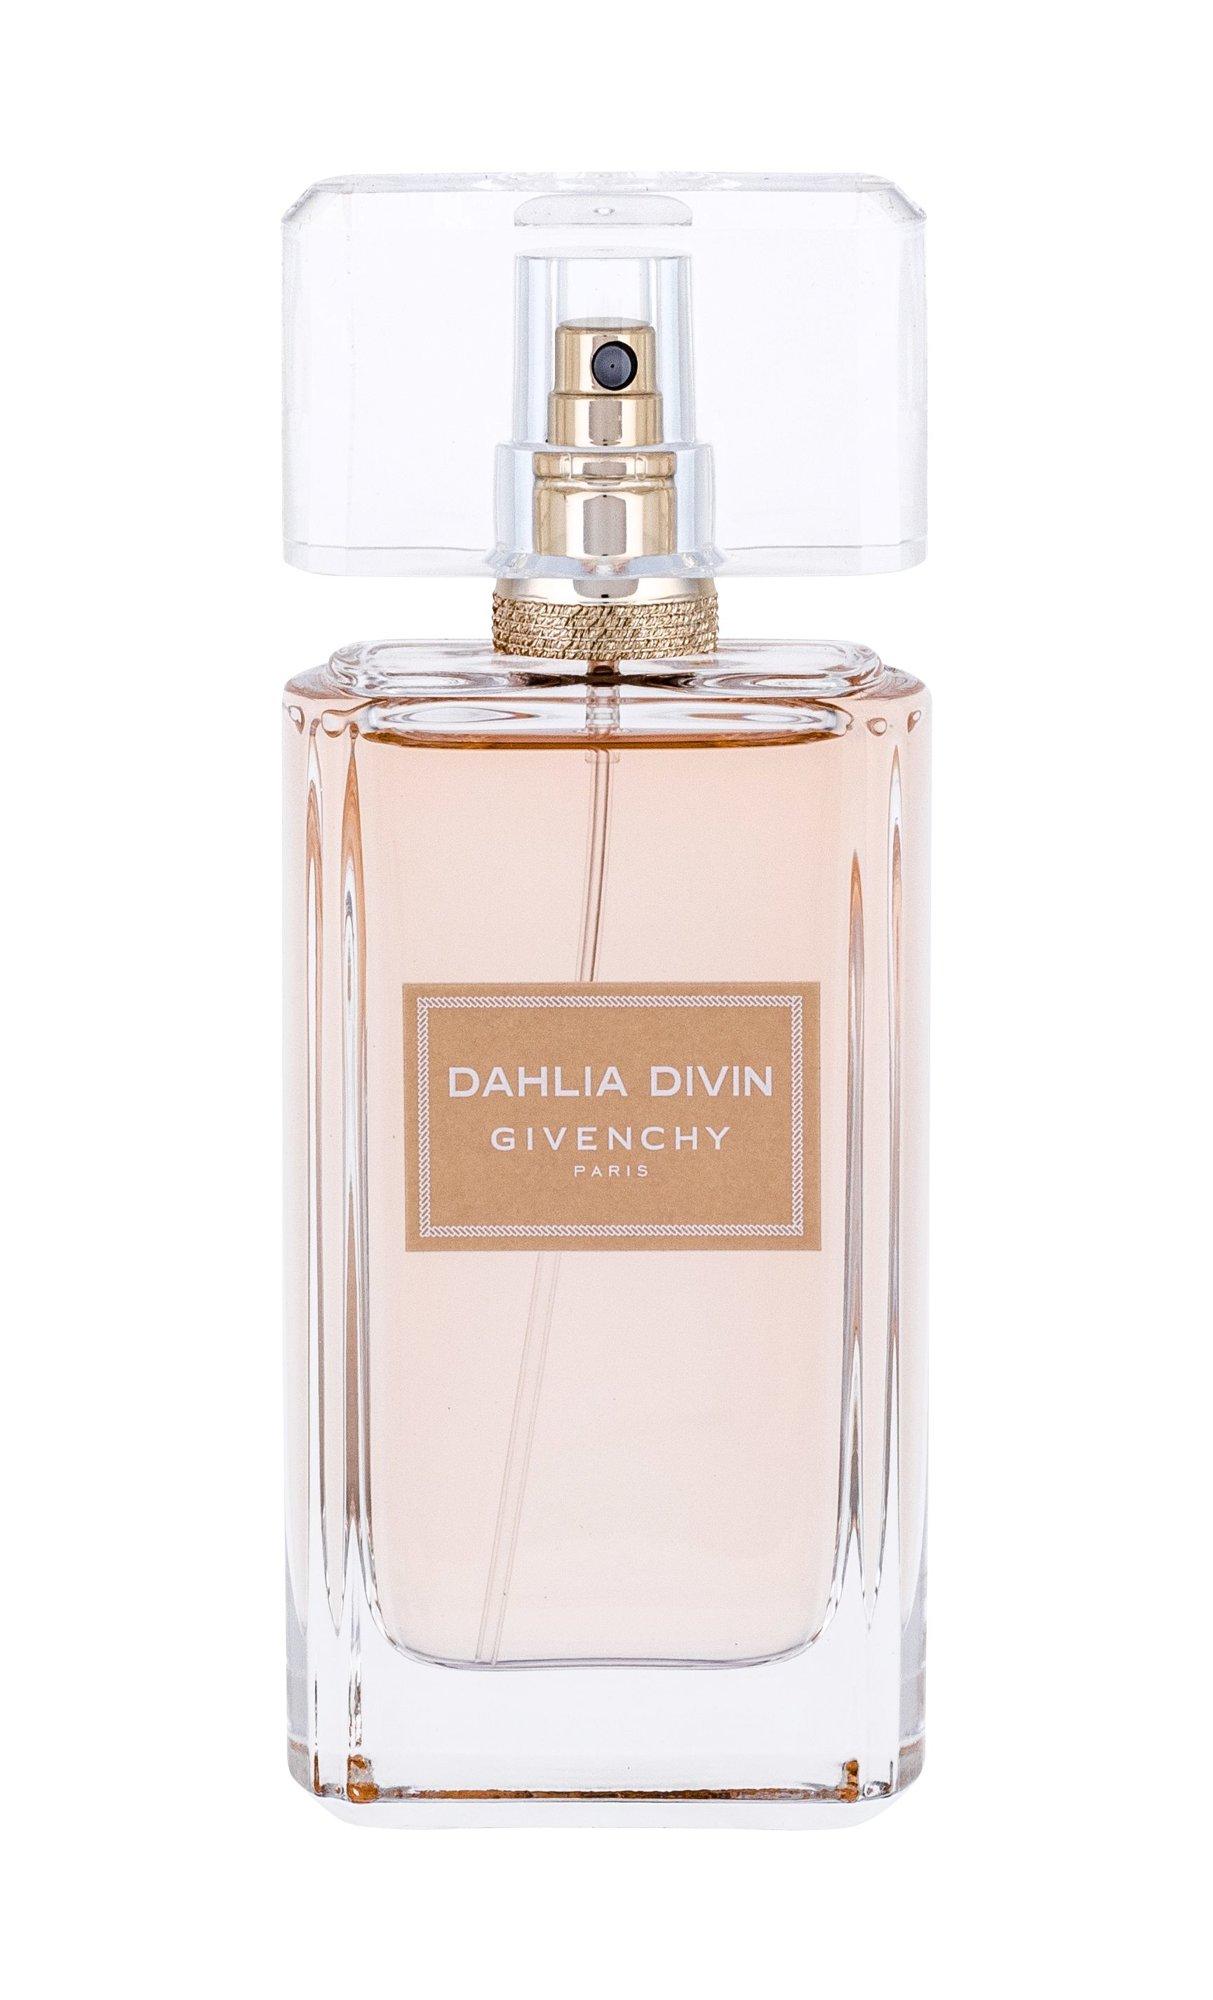 Givenchy Dahlia Divin Nude Eau de Parfum 30ml